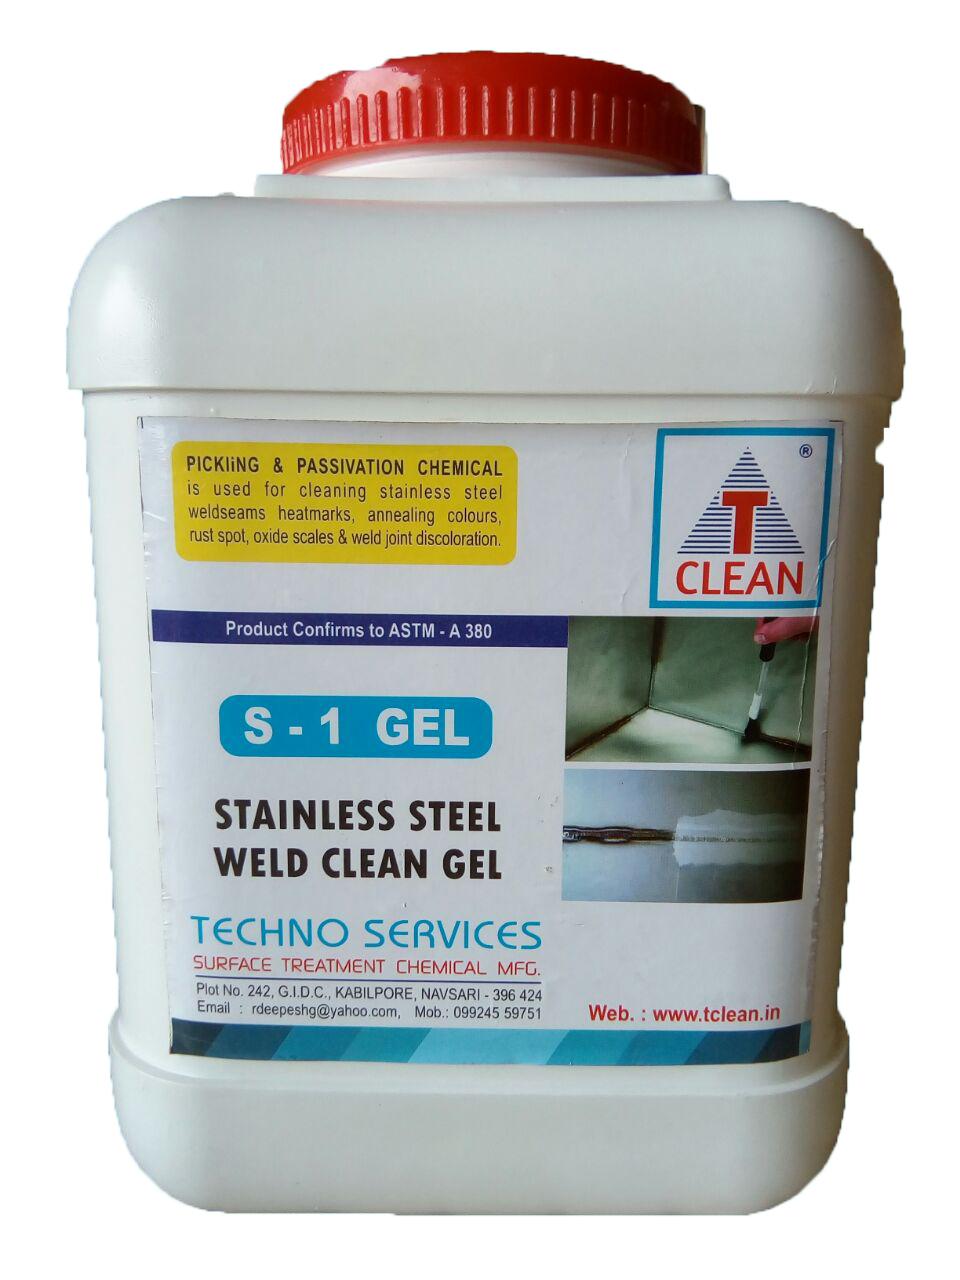 Stainless Steel Weld Clean Gel